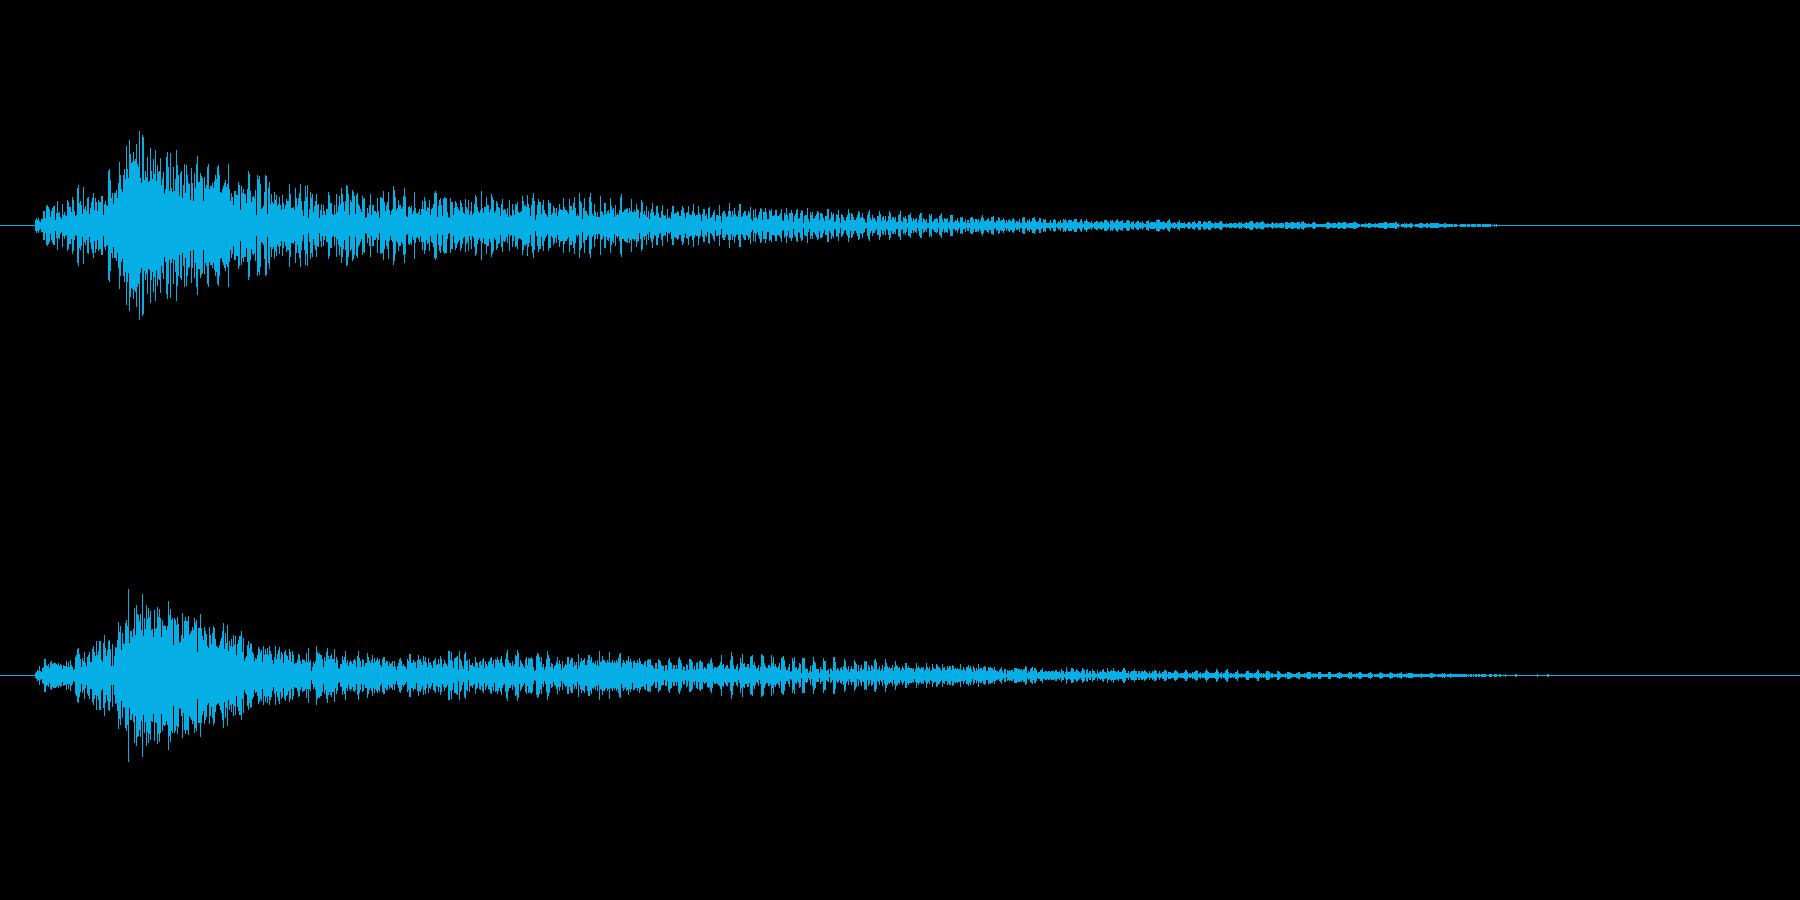 ファンタジー かわいい効果音 決定系05の再生済みの波形